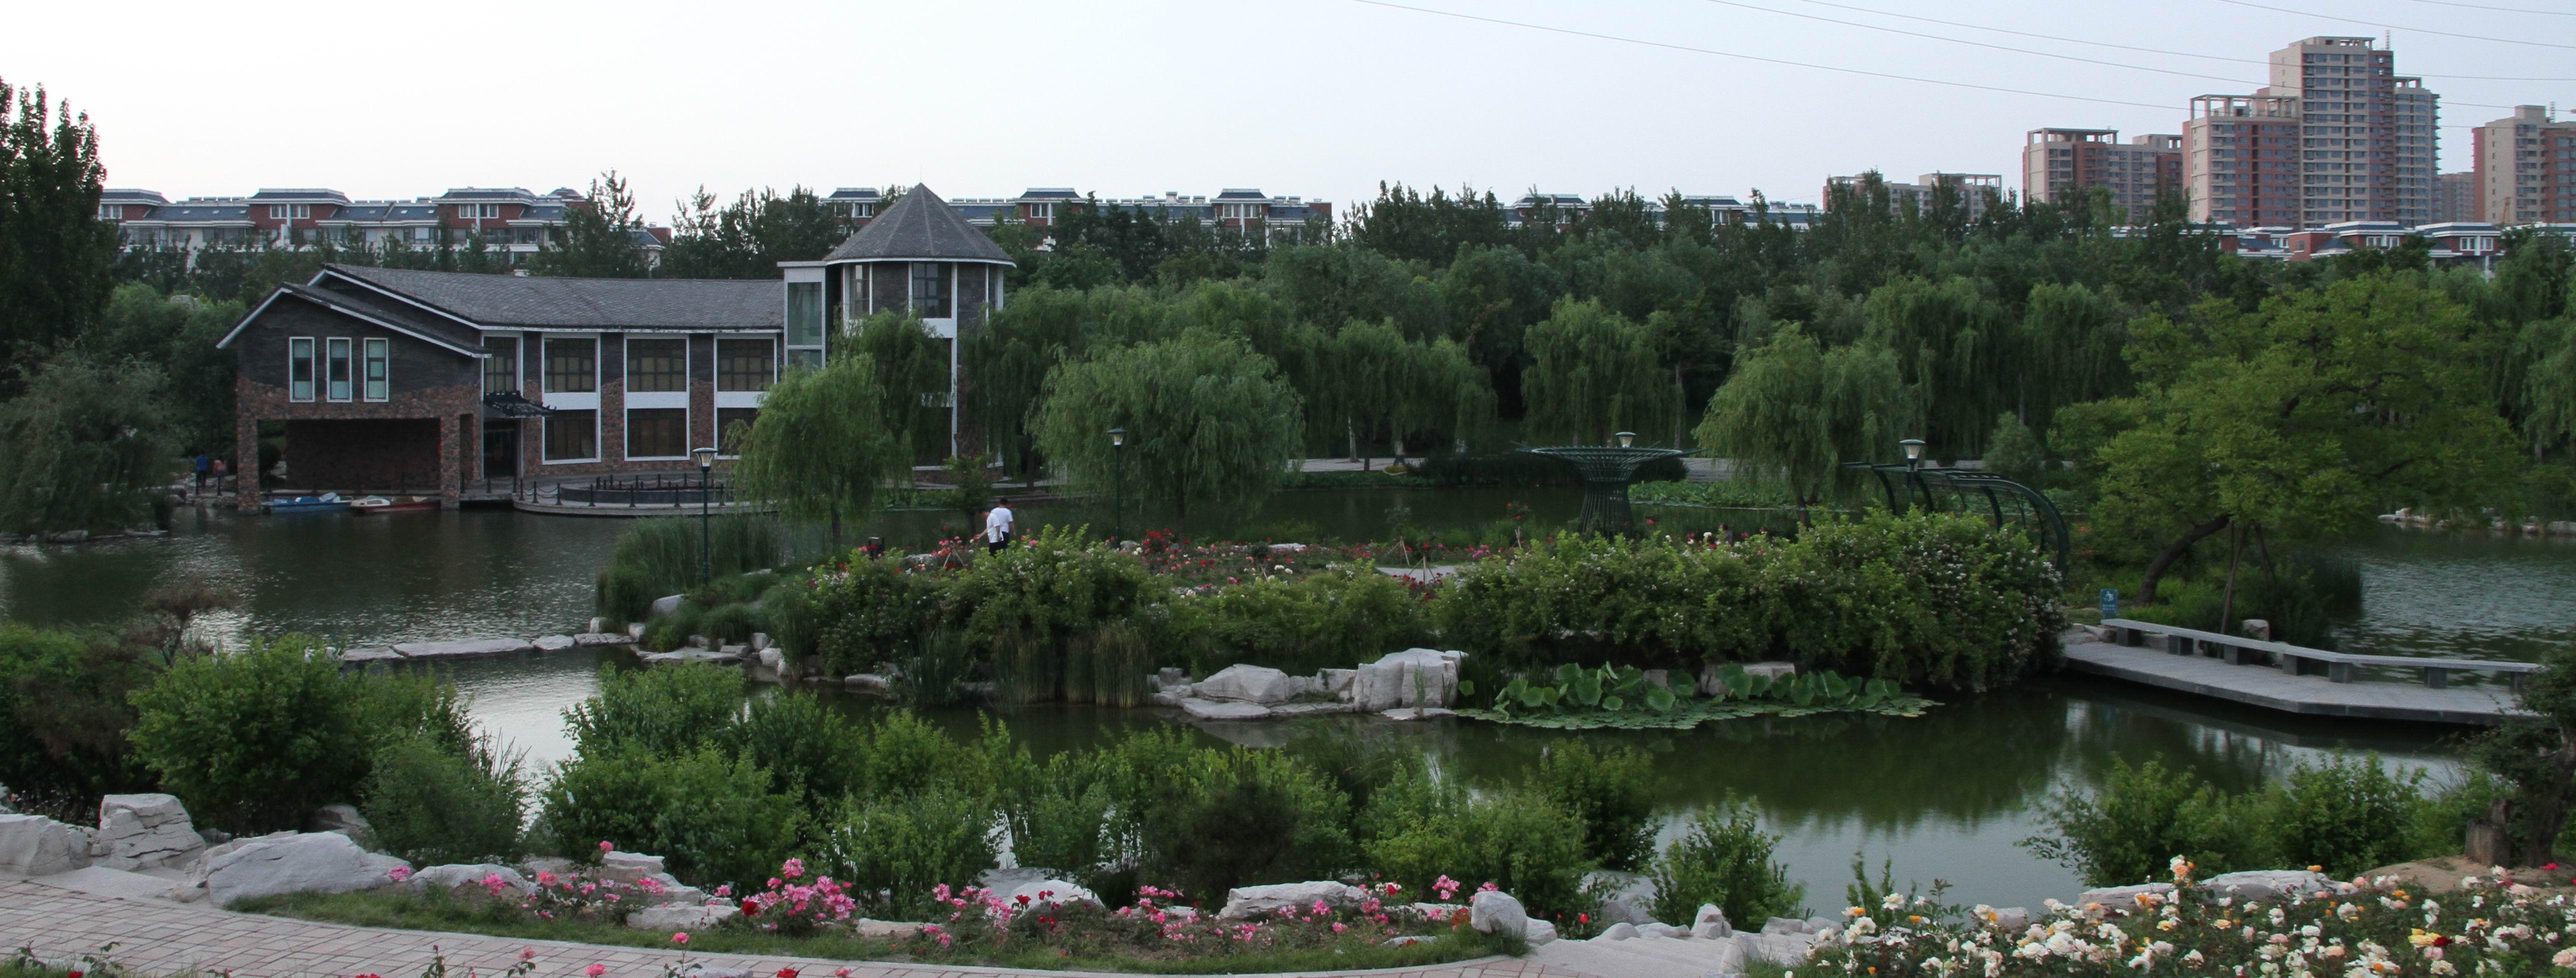 宜居潍坊----植物园